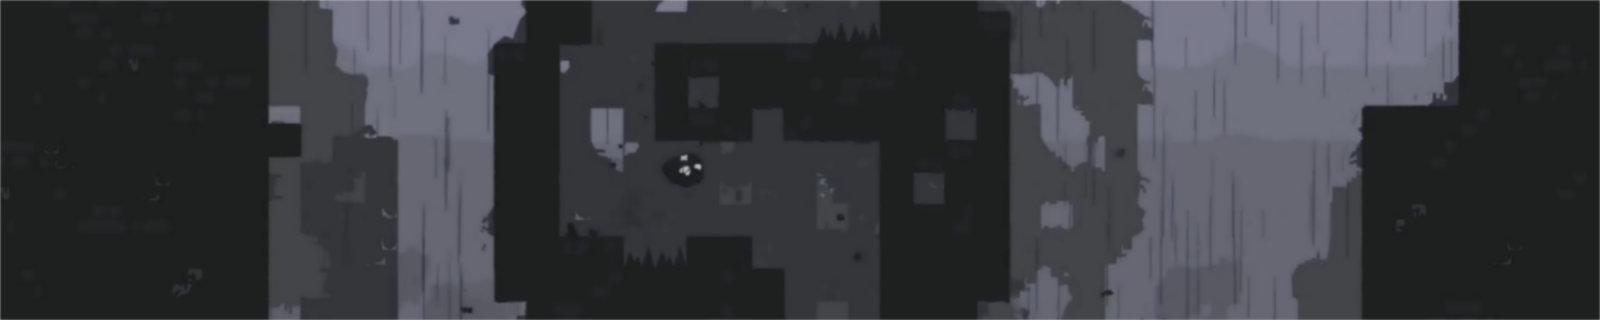 《以撒的结合》的制作人做了一款新的平台跳跃游戏